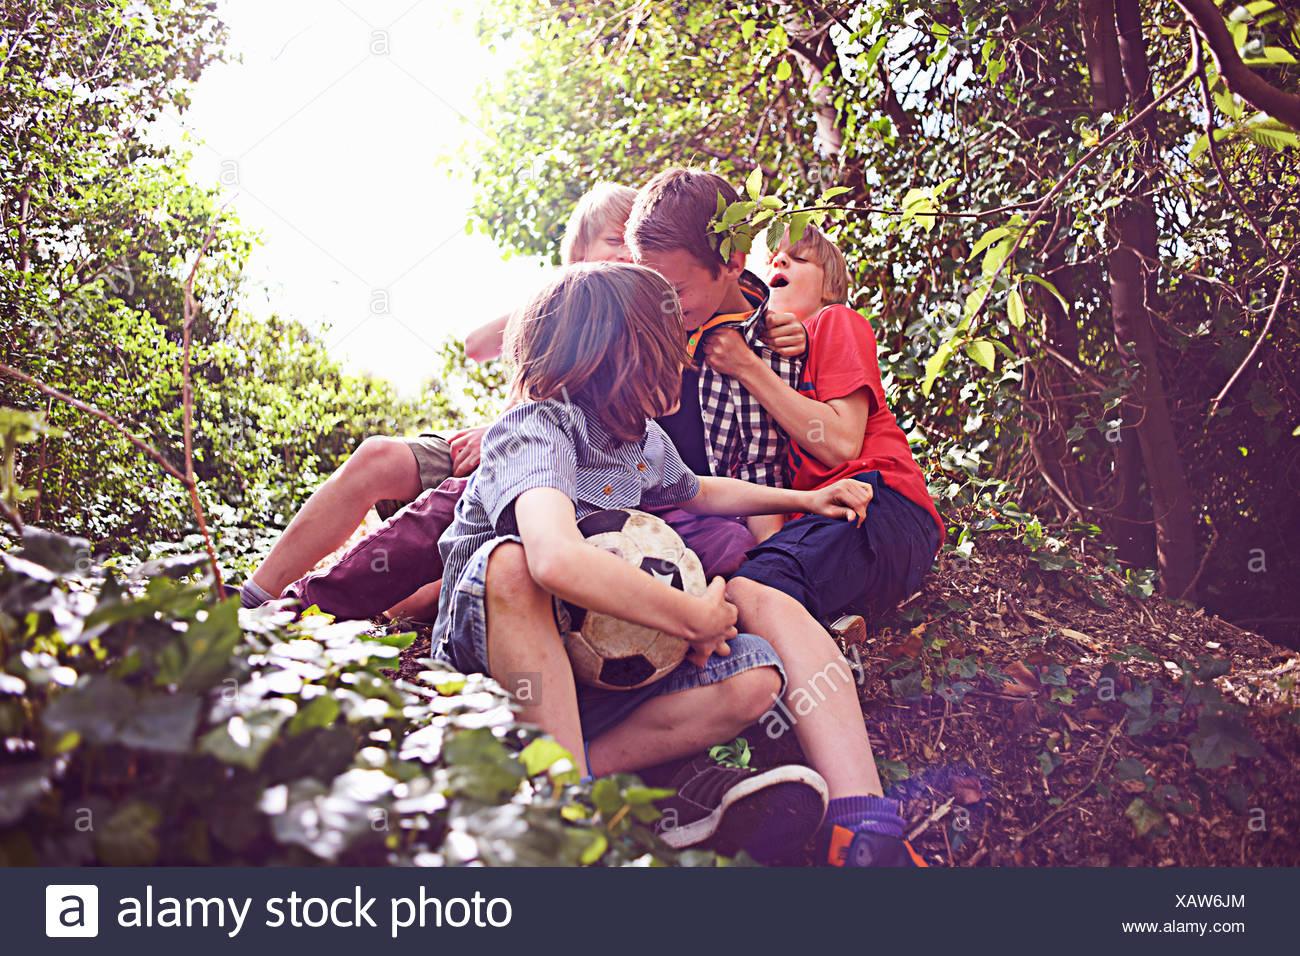 Muchachos jugando en el bosque Imagen De Stock